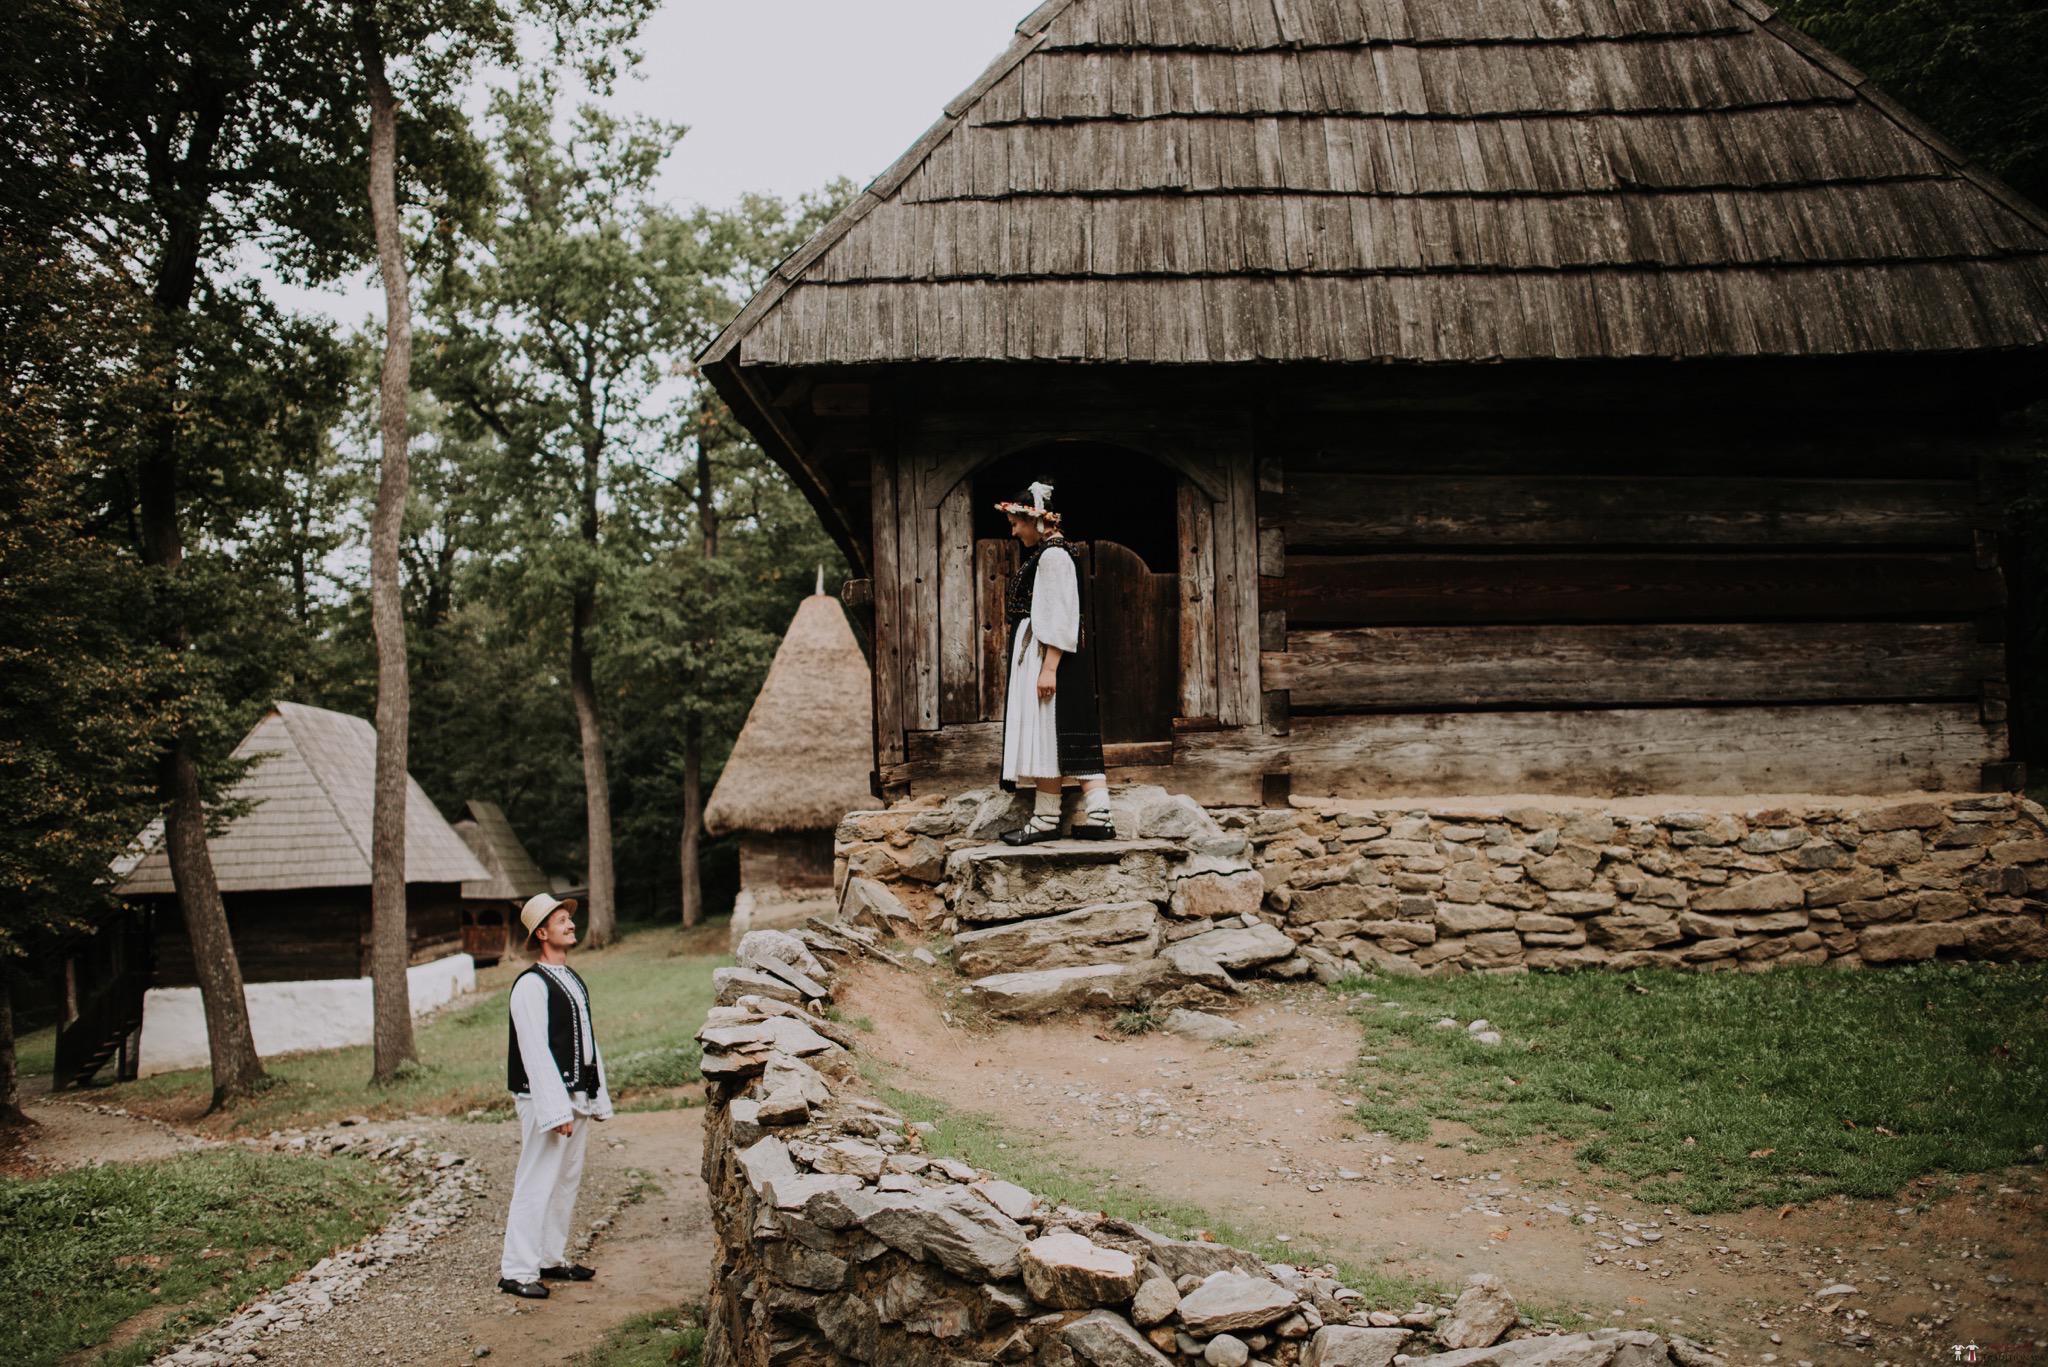 Povești Nunți Tradiționale - Silvia și Adrian. Nuntă tradițională în Ghighișeni, Bihor 106